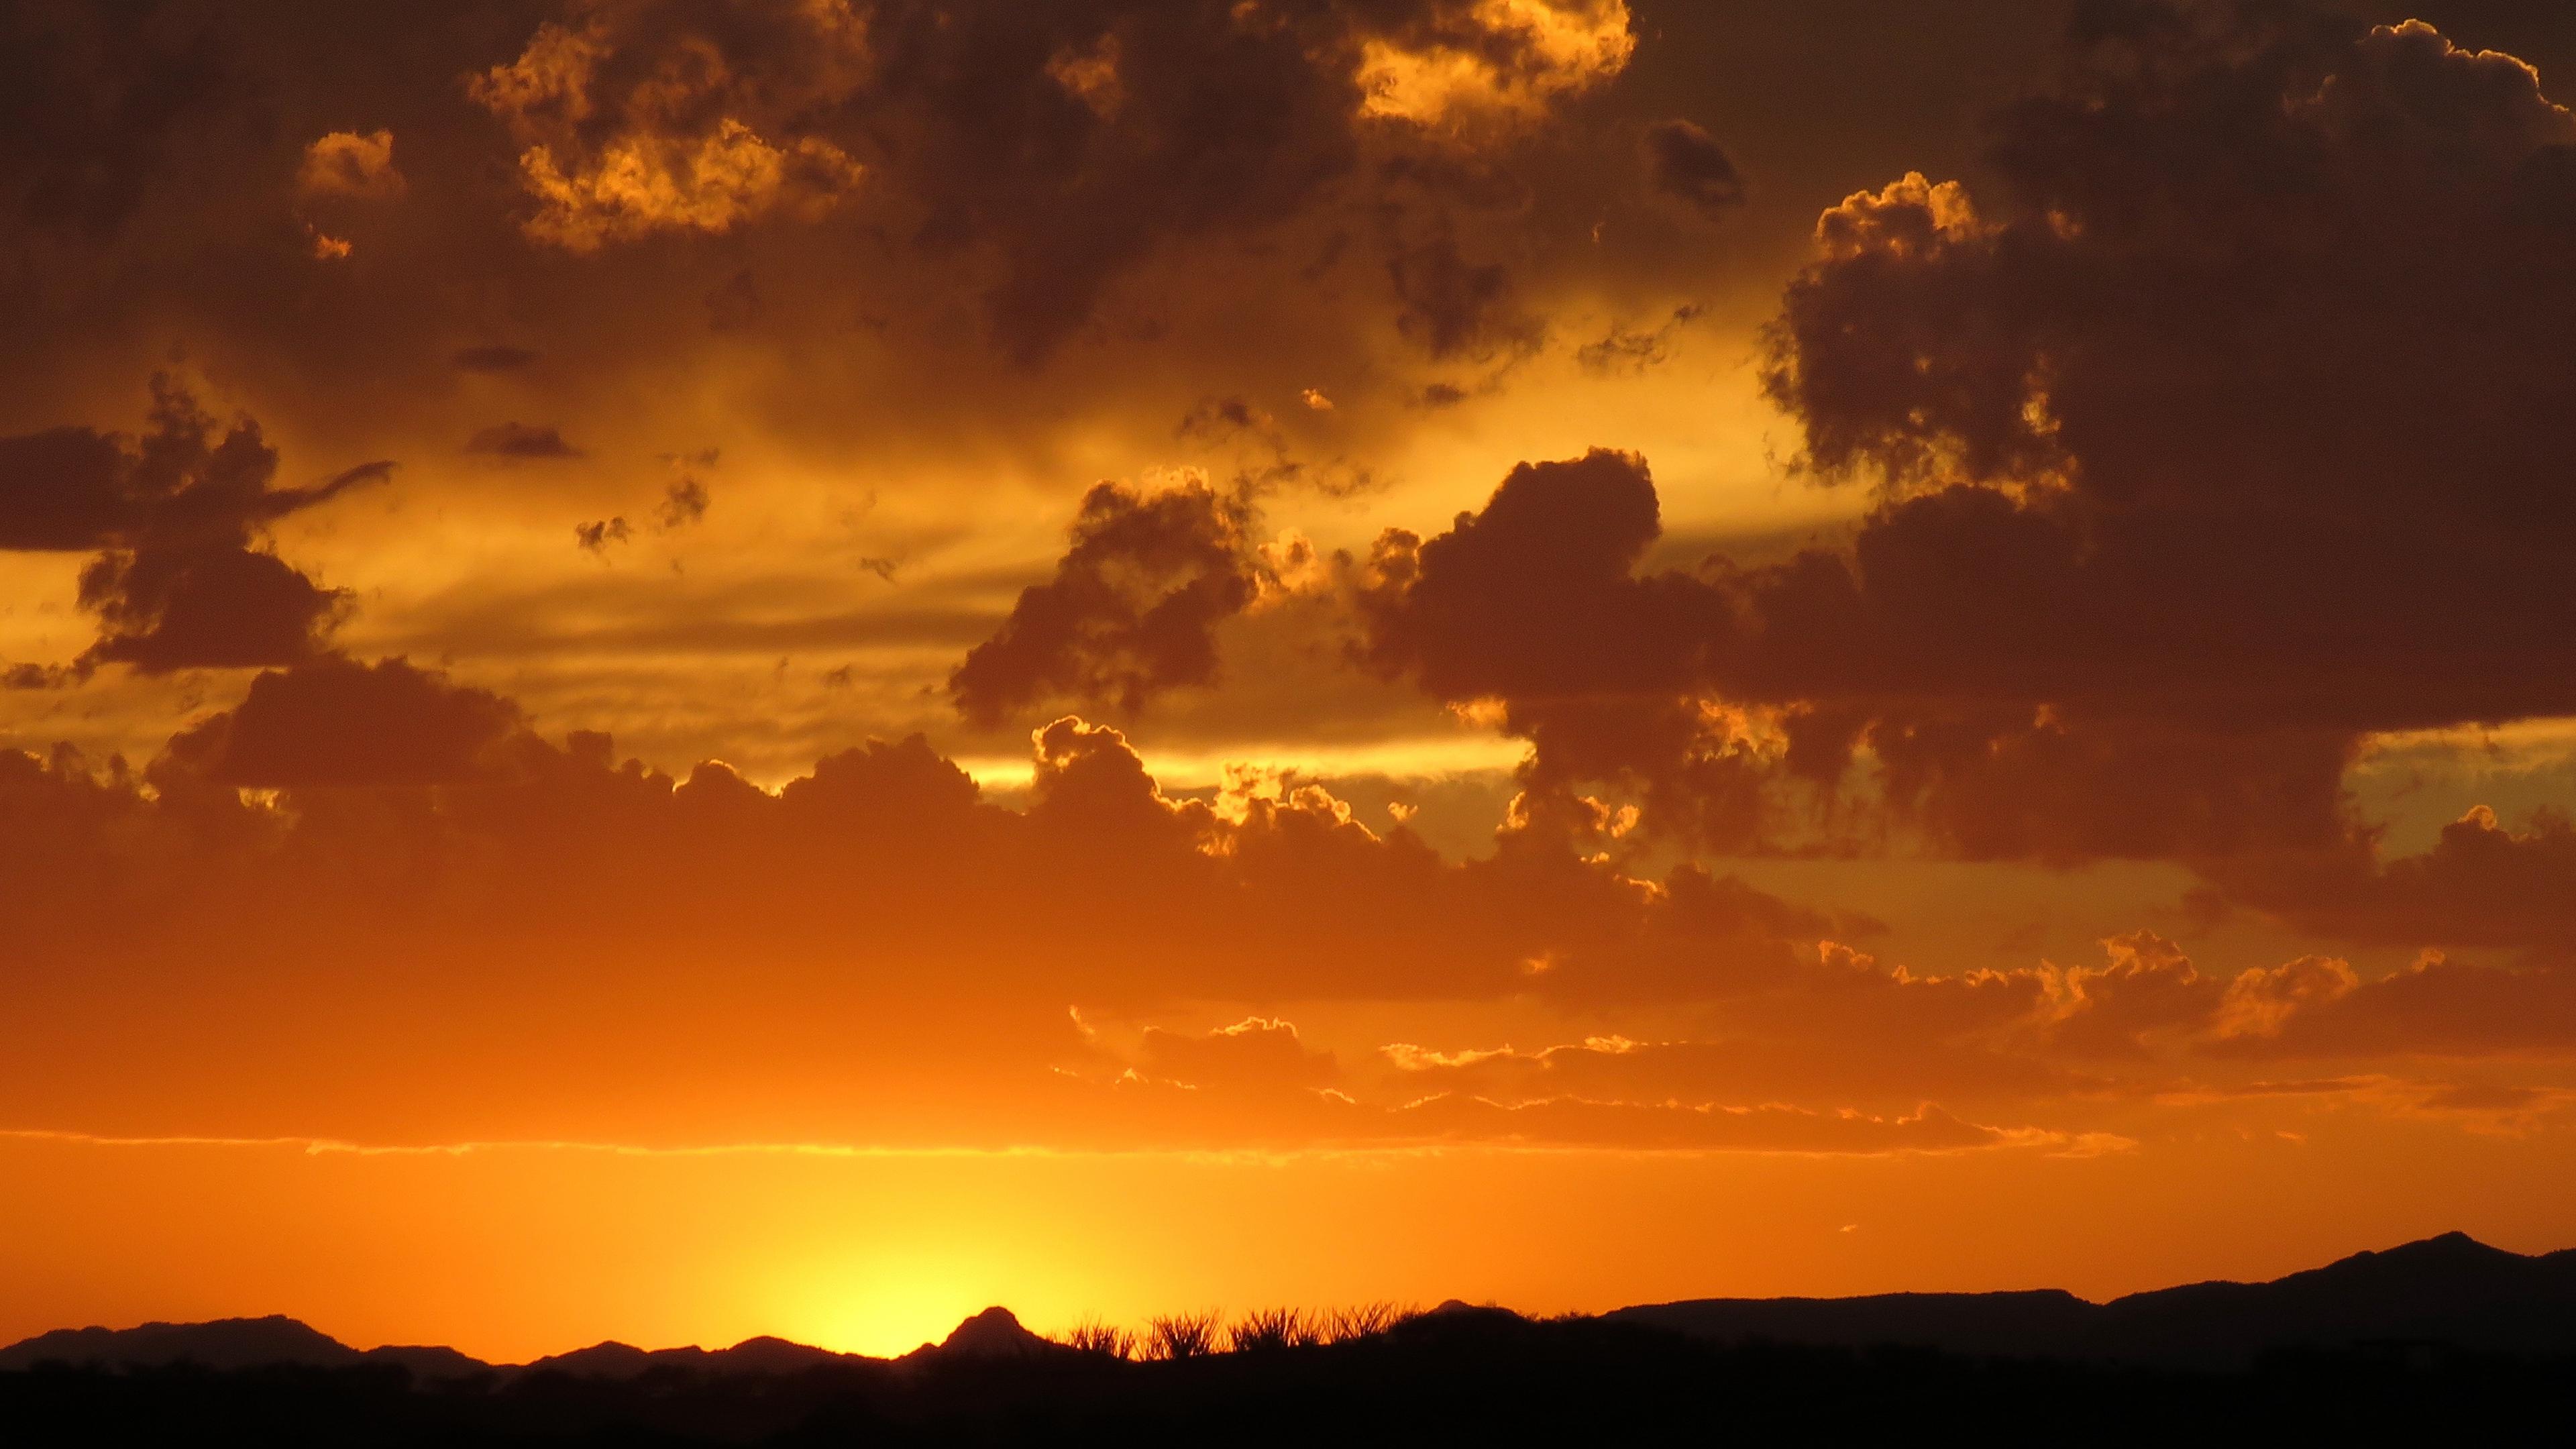 clouds horizon sunset sky cloudy 4k 1541113537 - clouds, horizon, sunset, sky, cloudy 4k - sunset, Horizon, Clouds